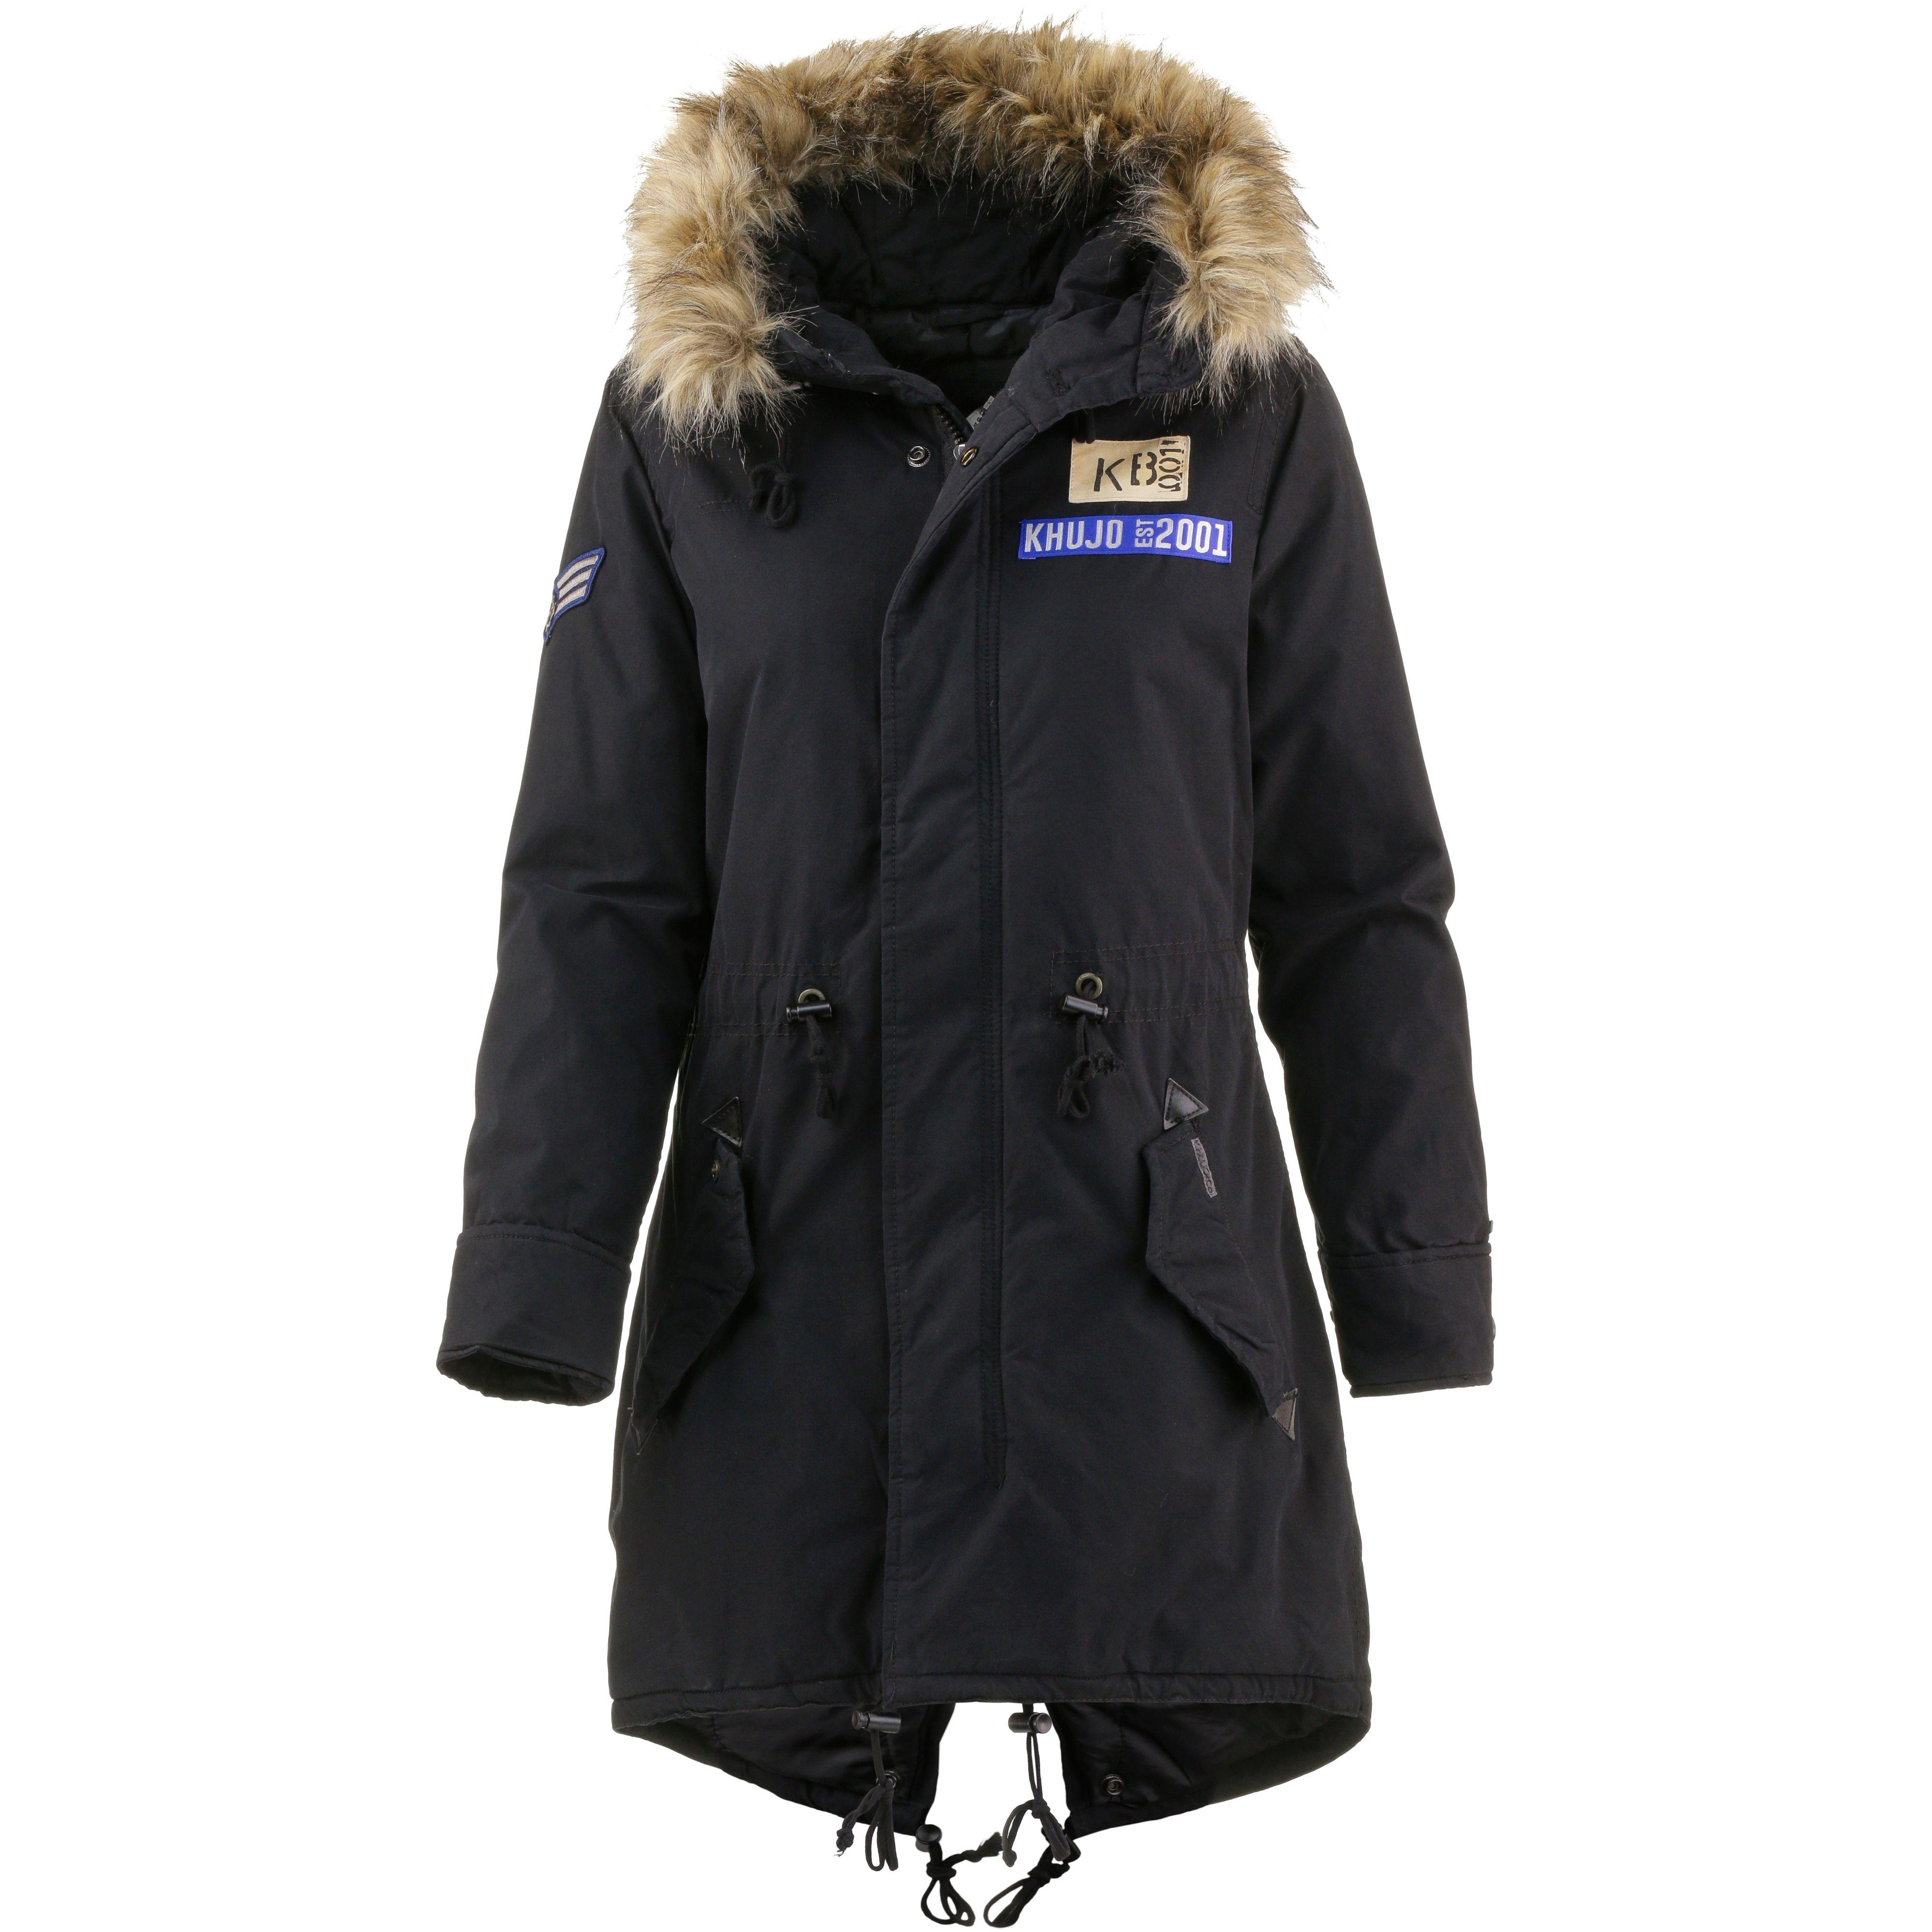 Mäntel Stylisch Warm Im Sportscheck Online Shop Bestellen